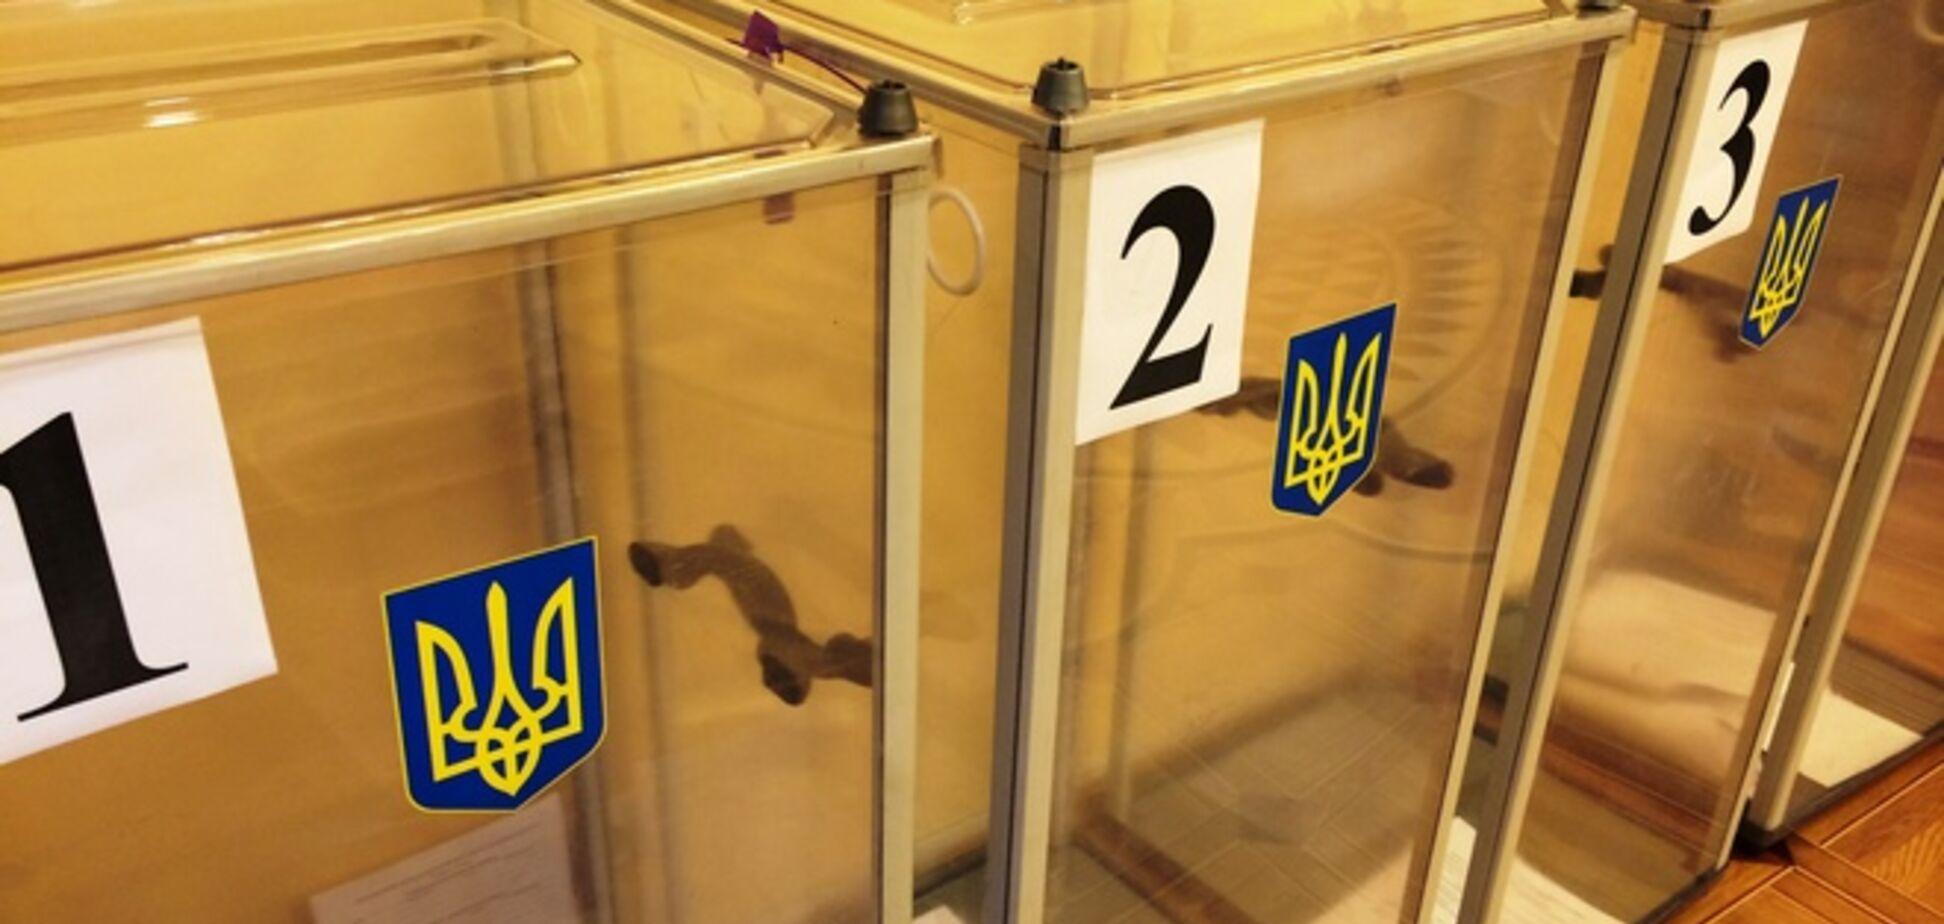 Проигравший кандидат будет судиться со ставленником Ахметова на 79 округе